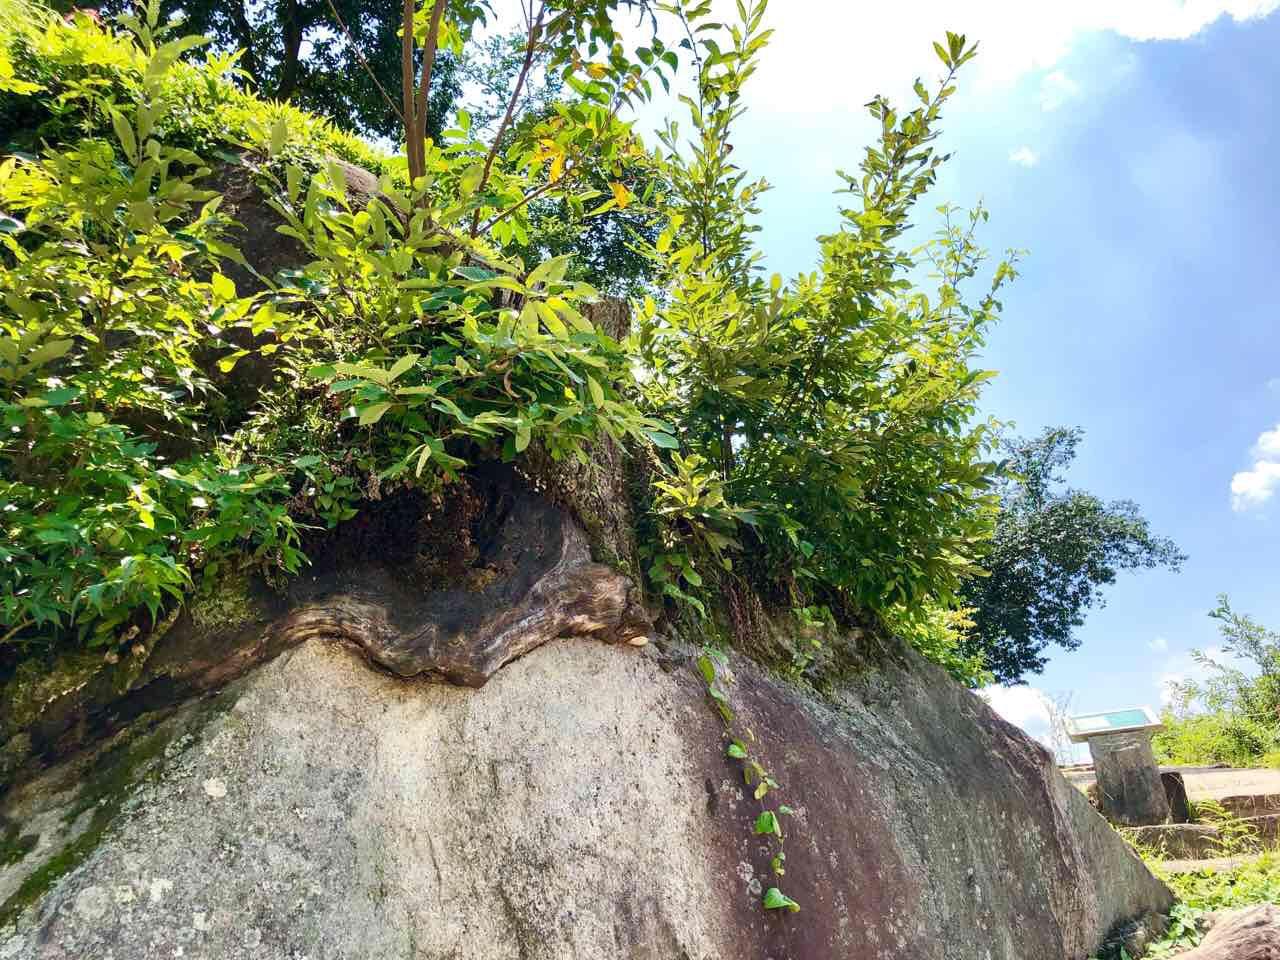 中津川の苗木城跡岩の木